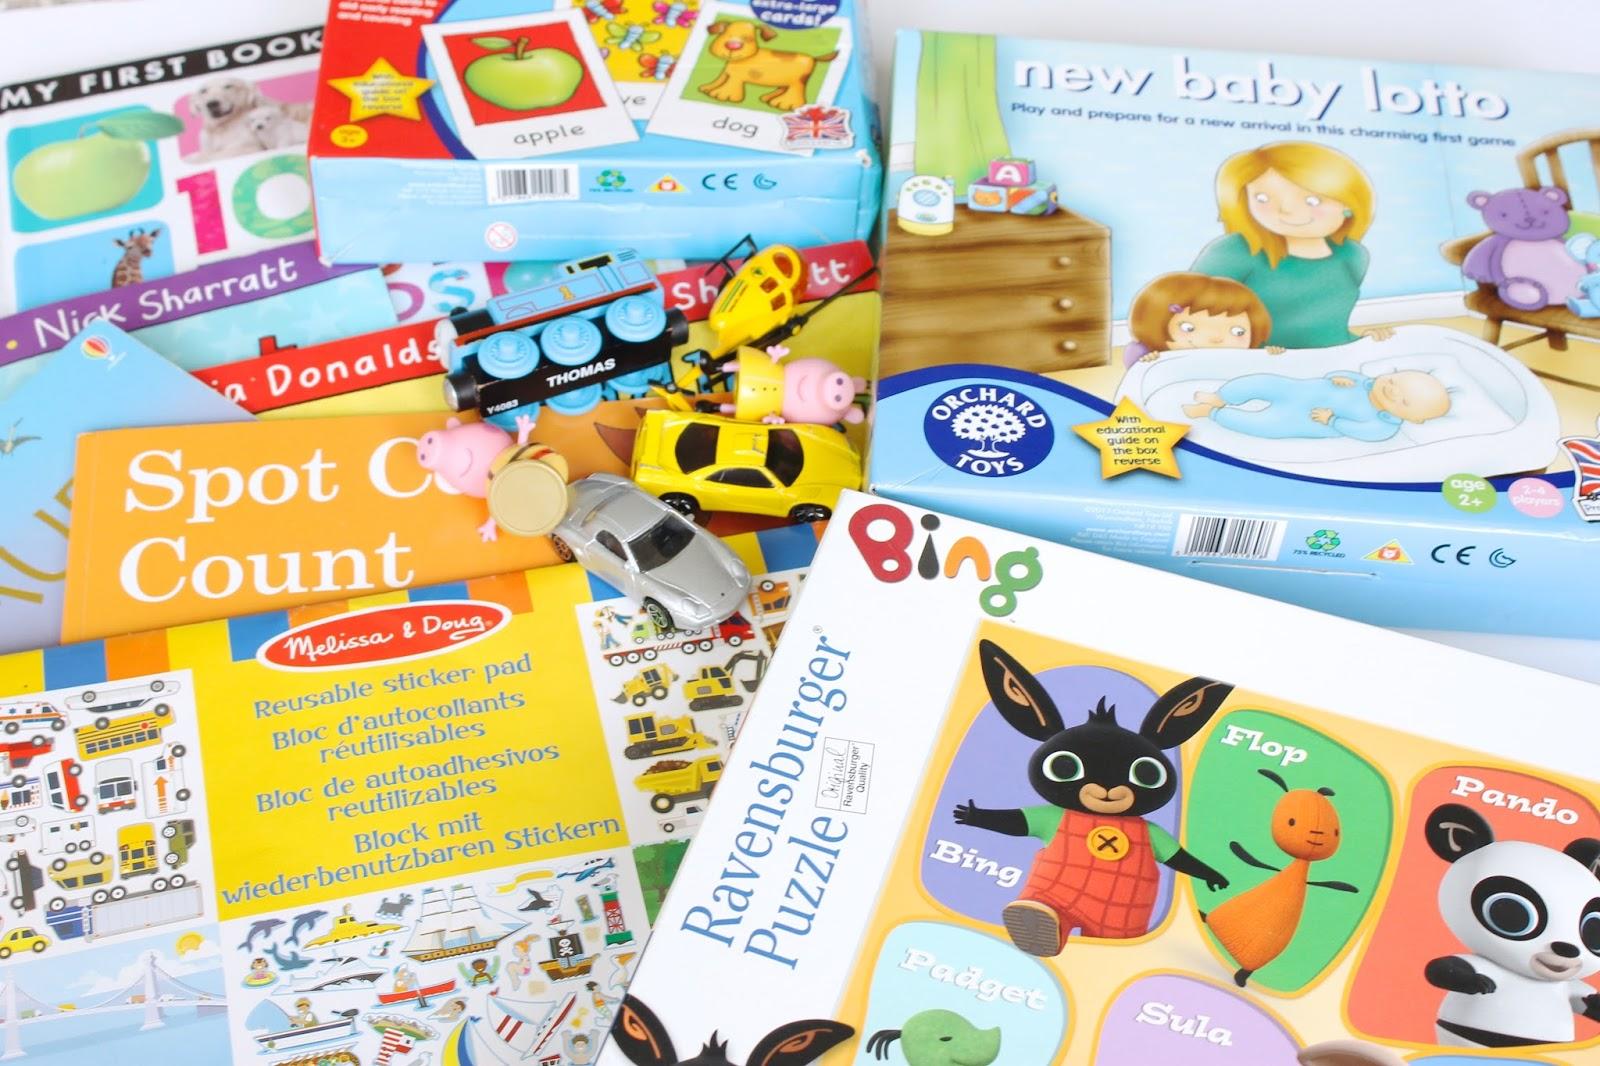 幼儿最喜欢的玩具,幼儿室内玩具